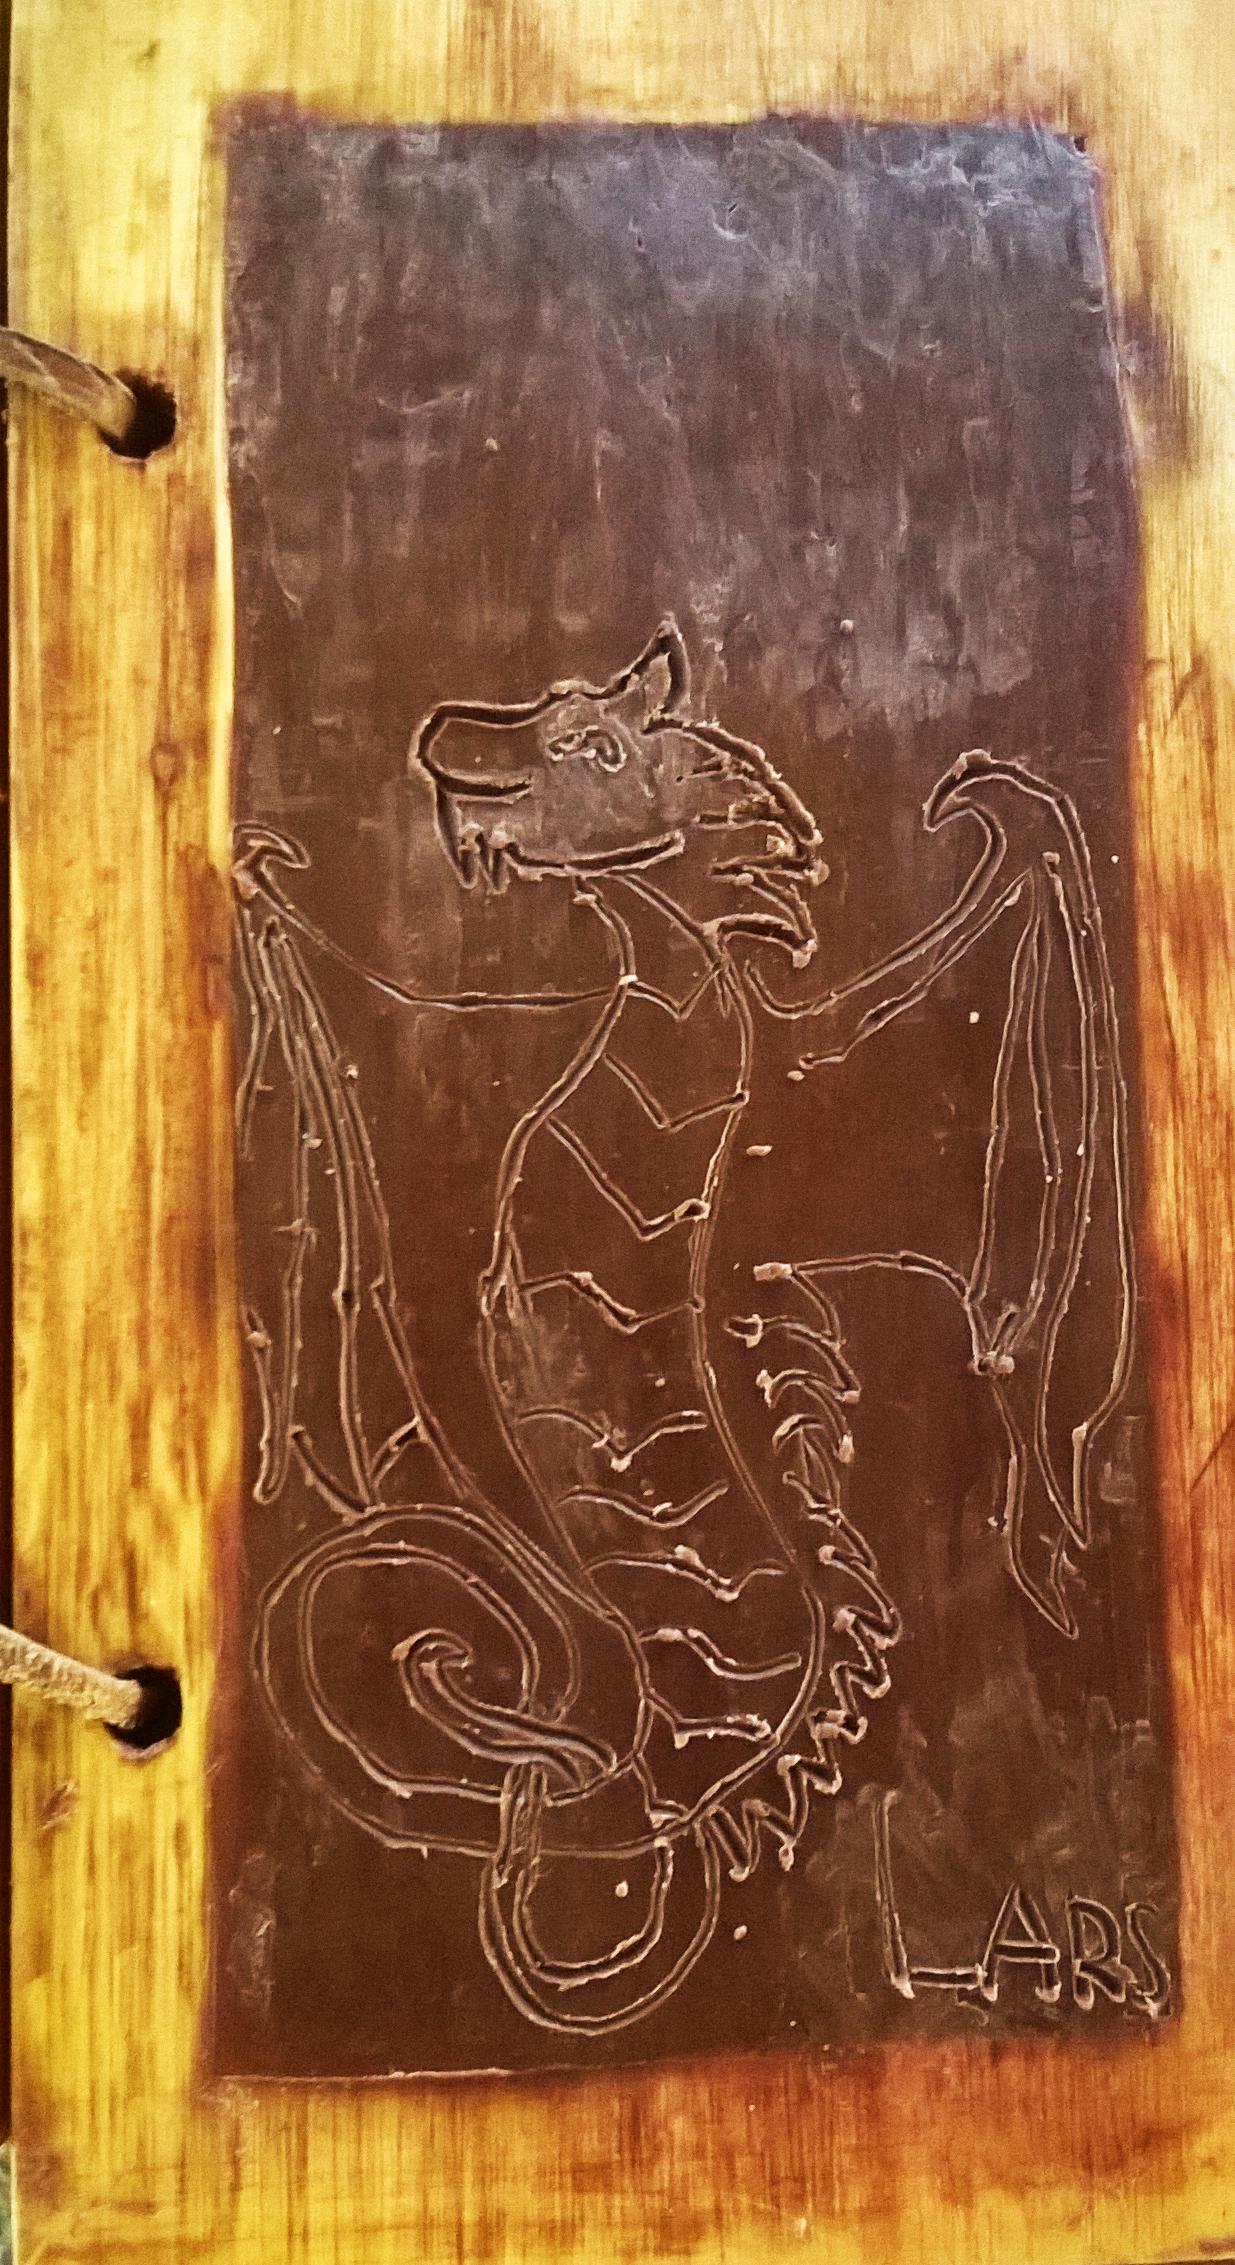 Art et cire, voici séant un dragon dessiné au stylet sur tablette de cire par un jeune garçon. Du talent sans aucun doute.